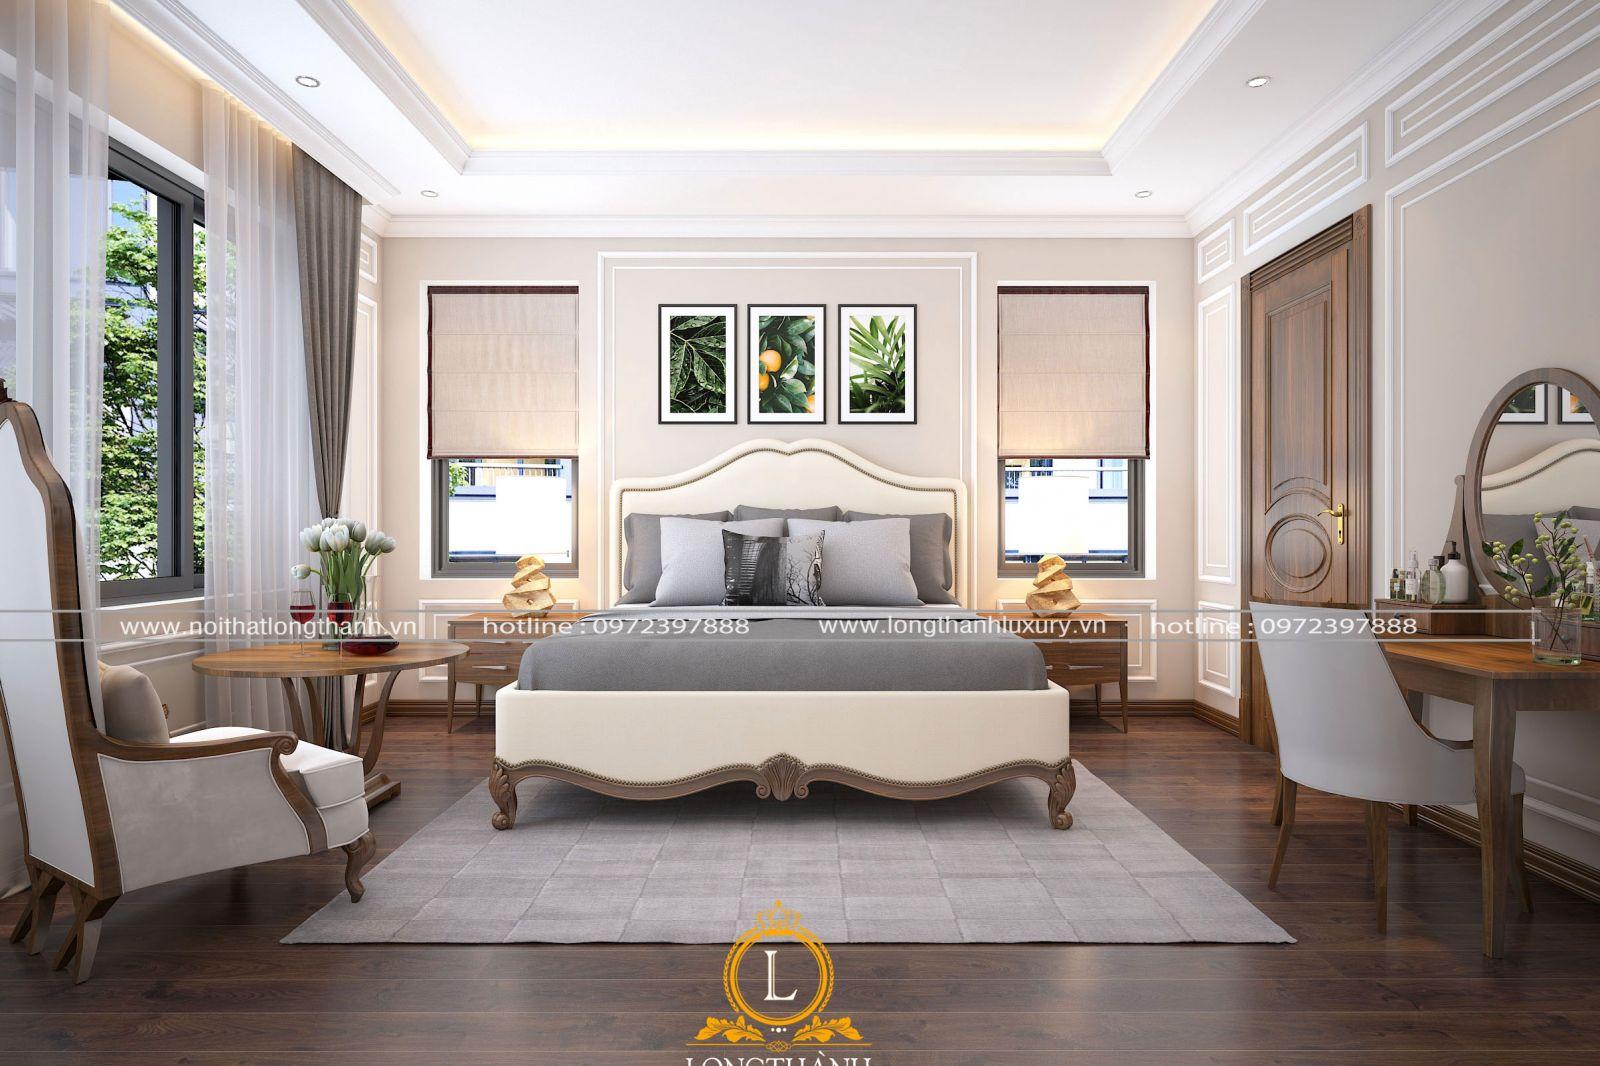 Phòng ngủ cao cấp gỗ gõ trẻ trung